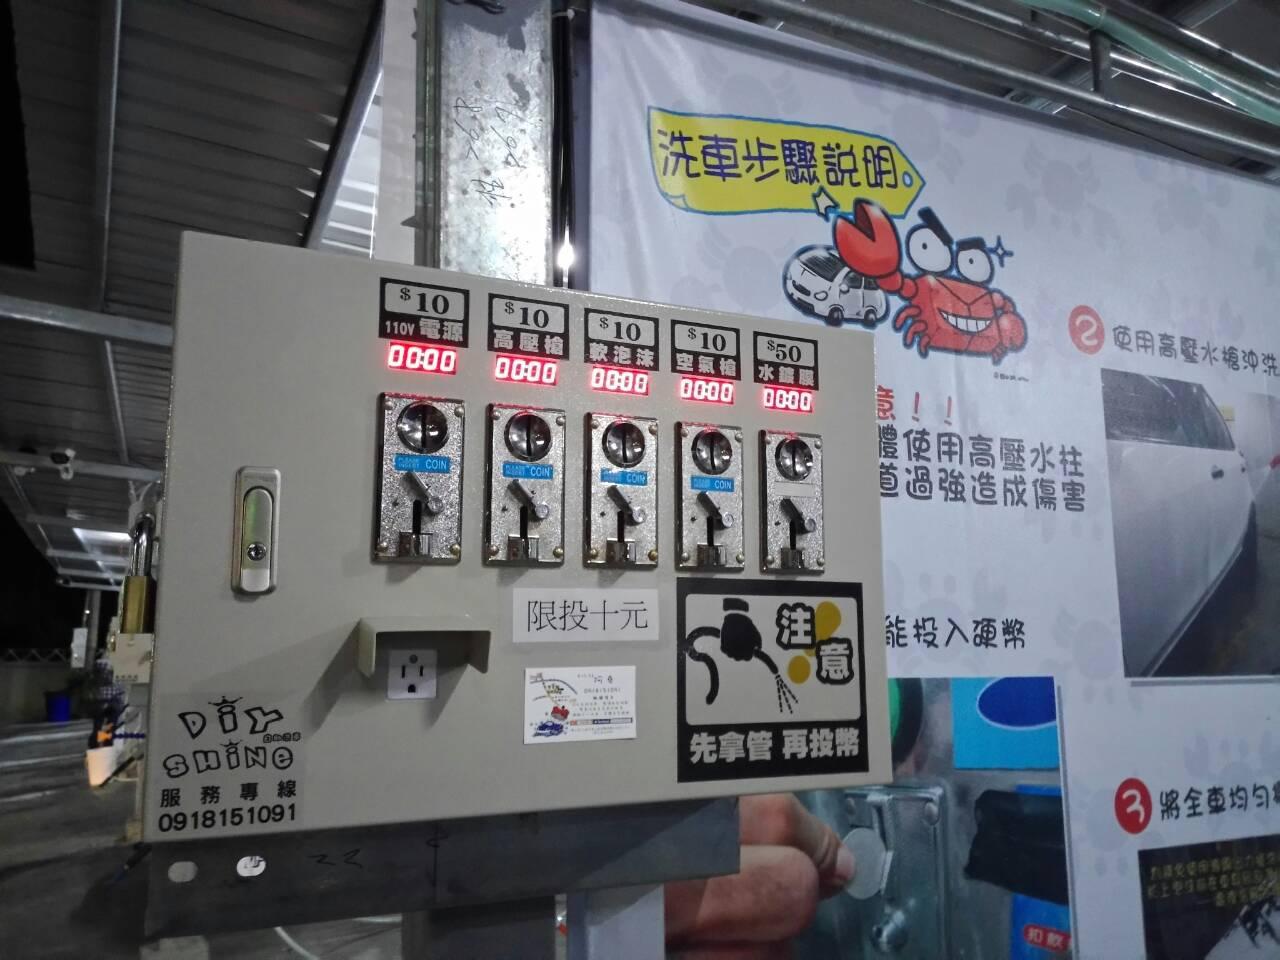 DIY Shine 自助洗車: DIY Shine 自助洗車 臺南善化店 (24H)